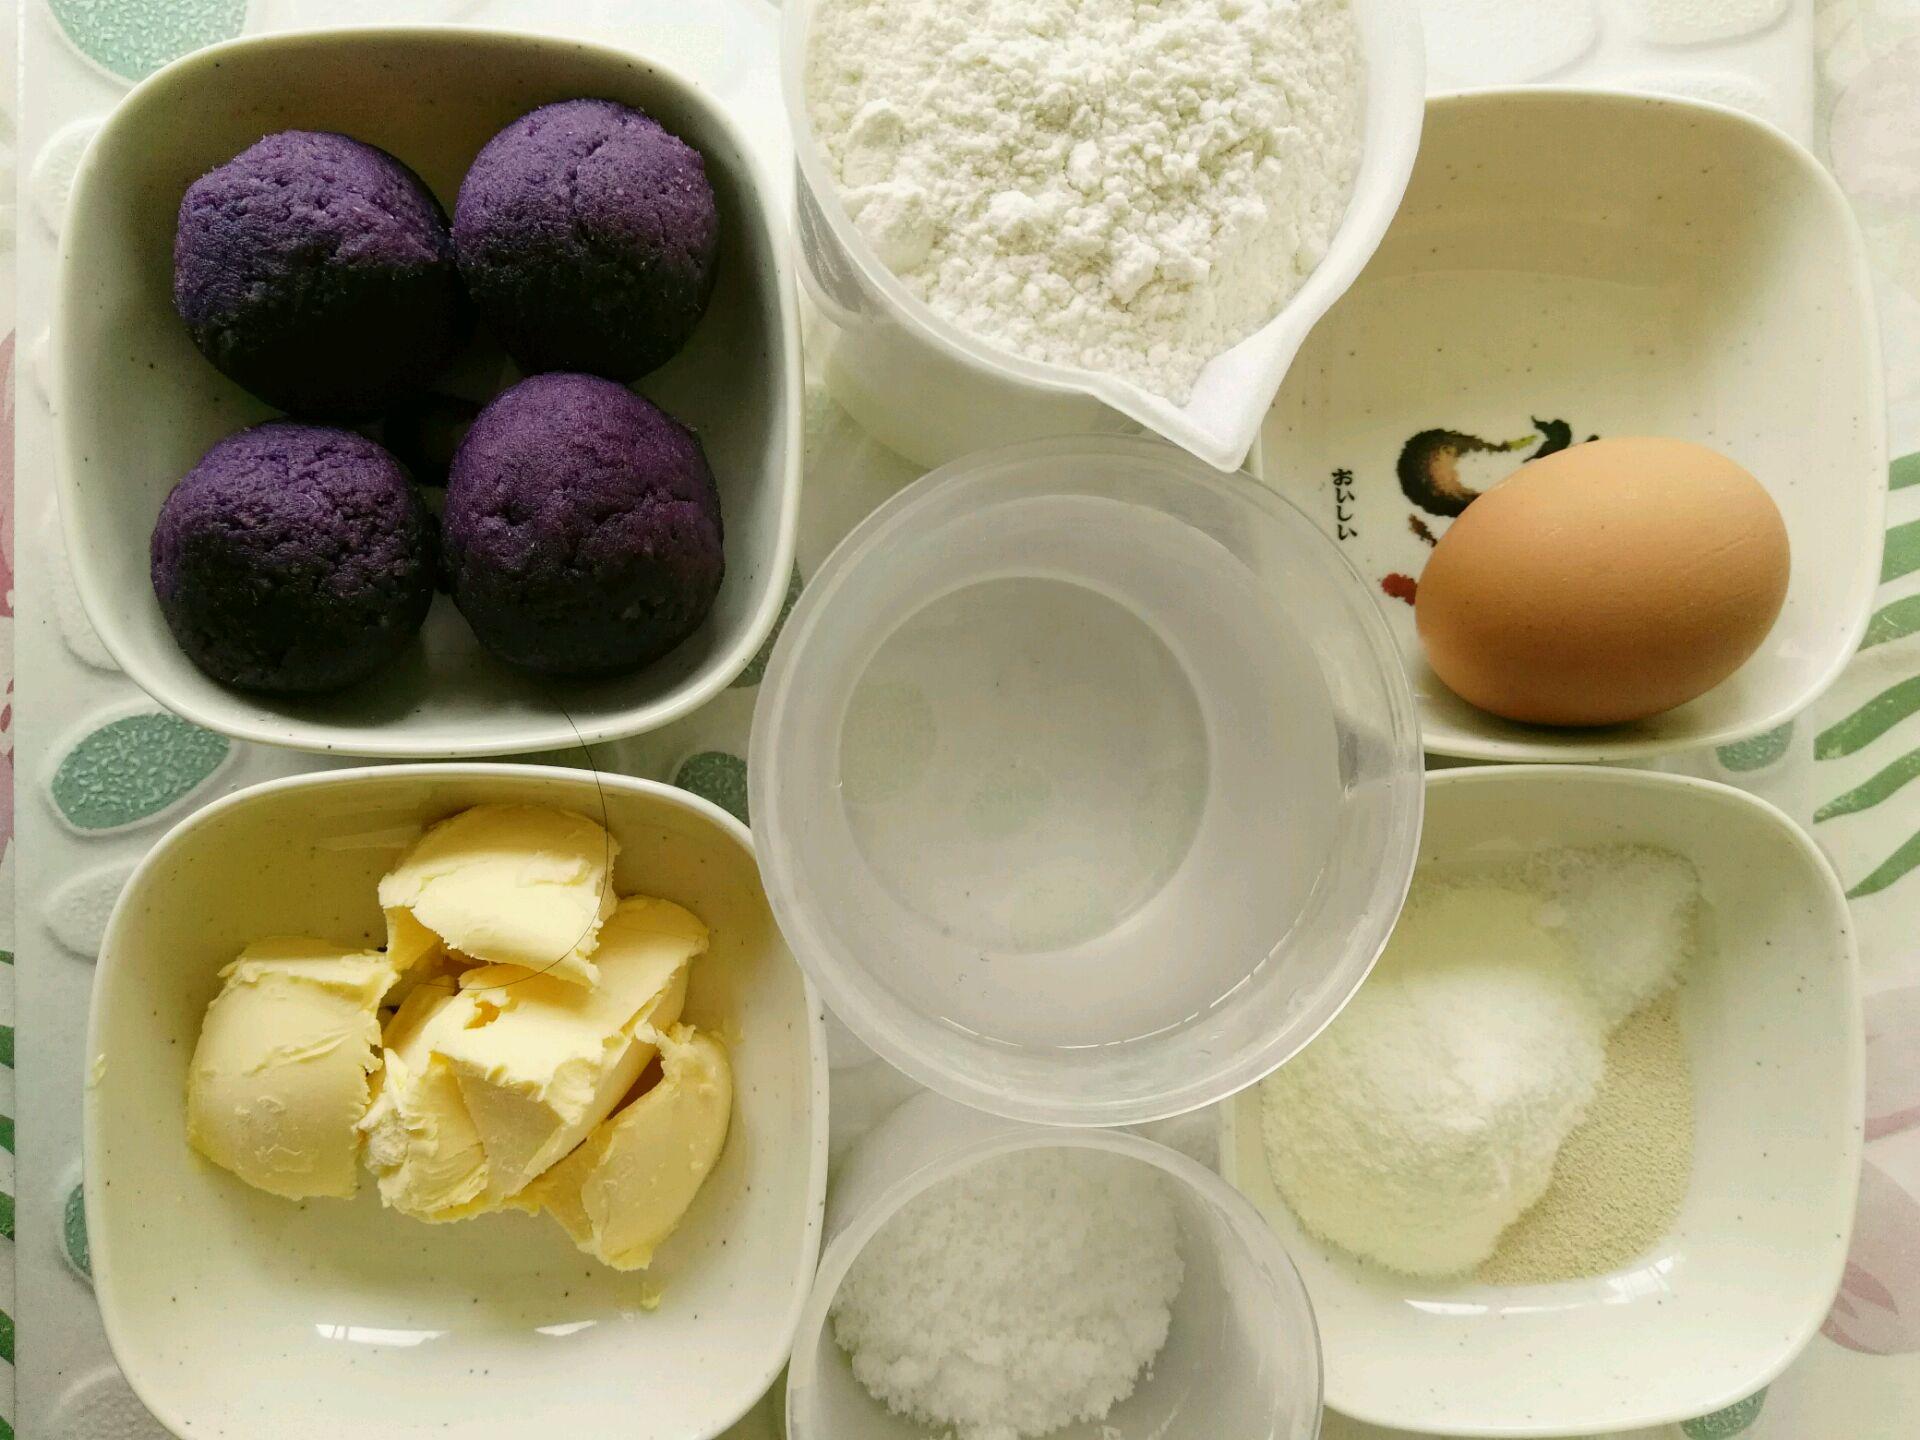 紫薯面包圈的做法步骤 2.